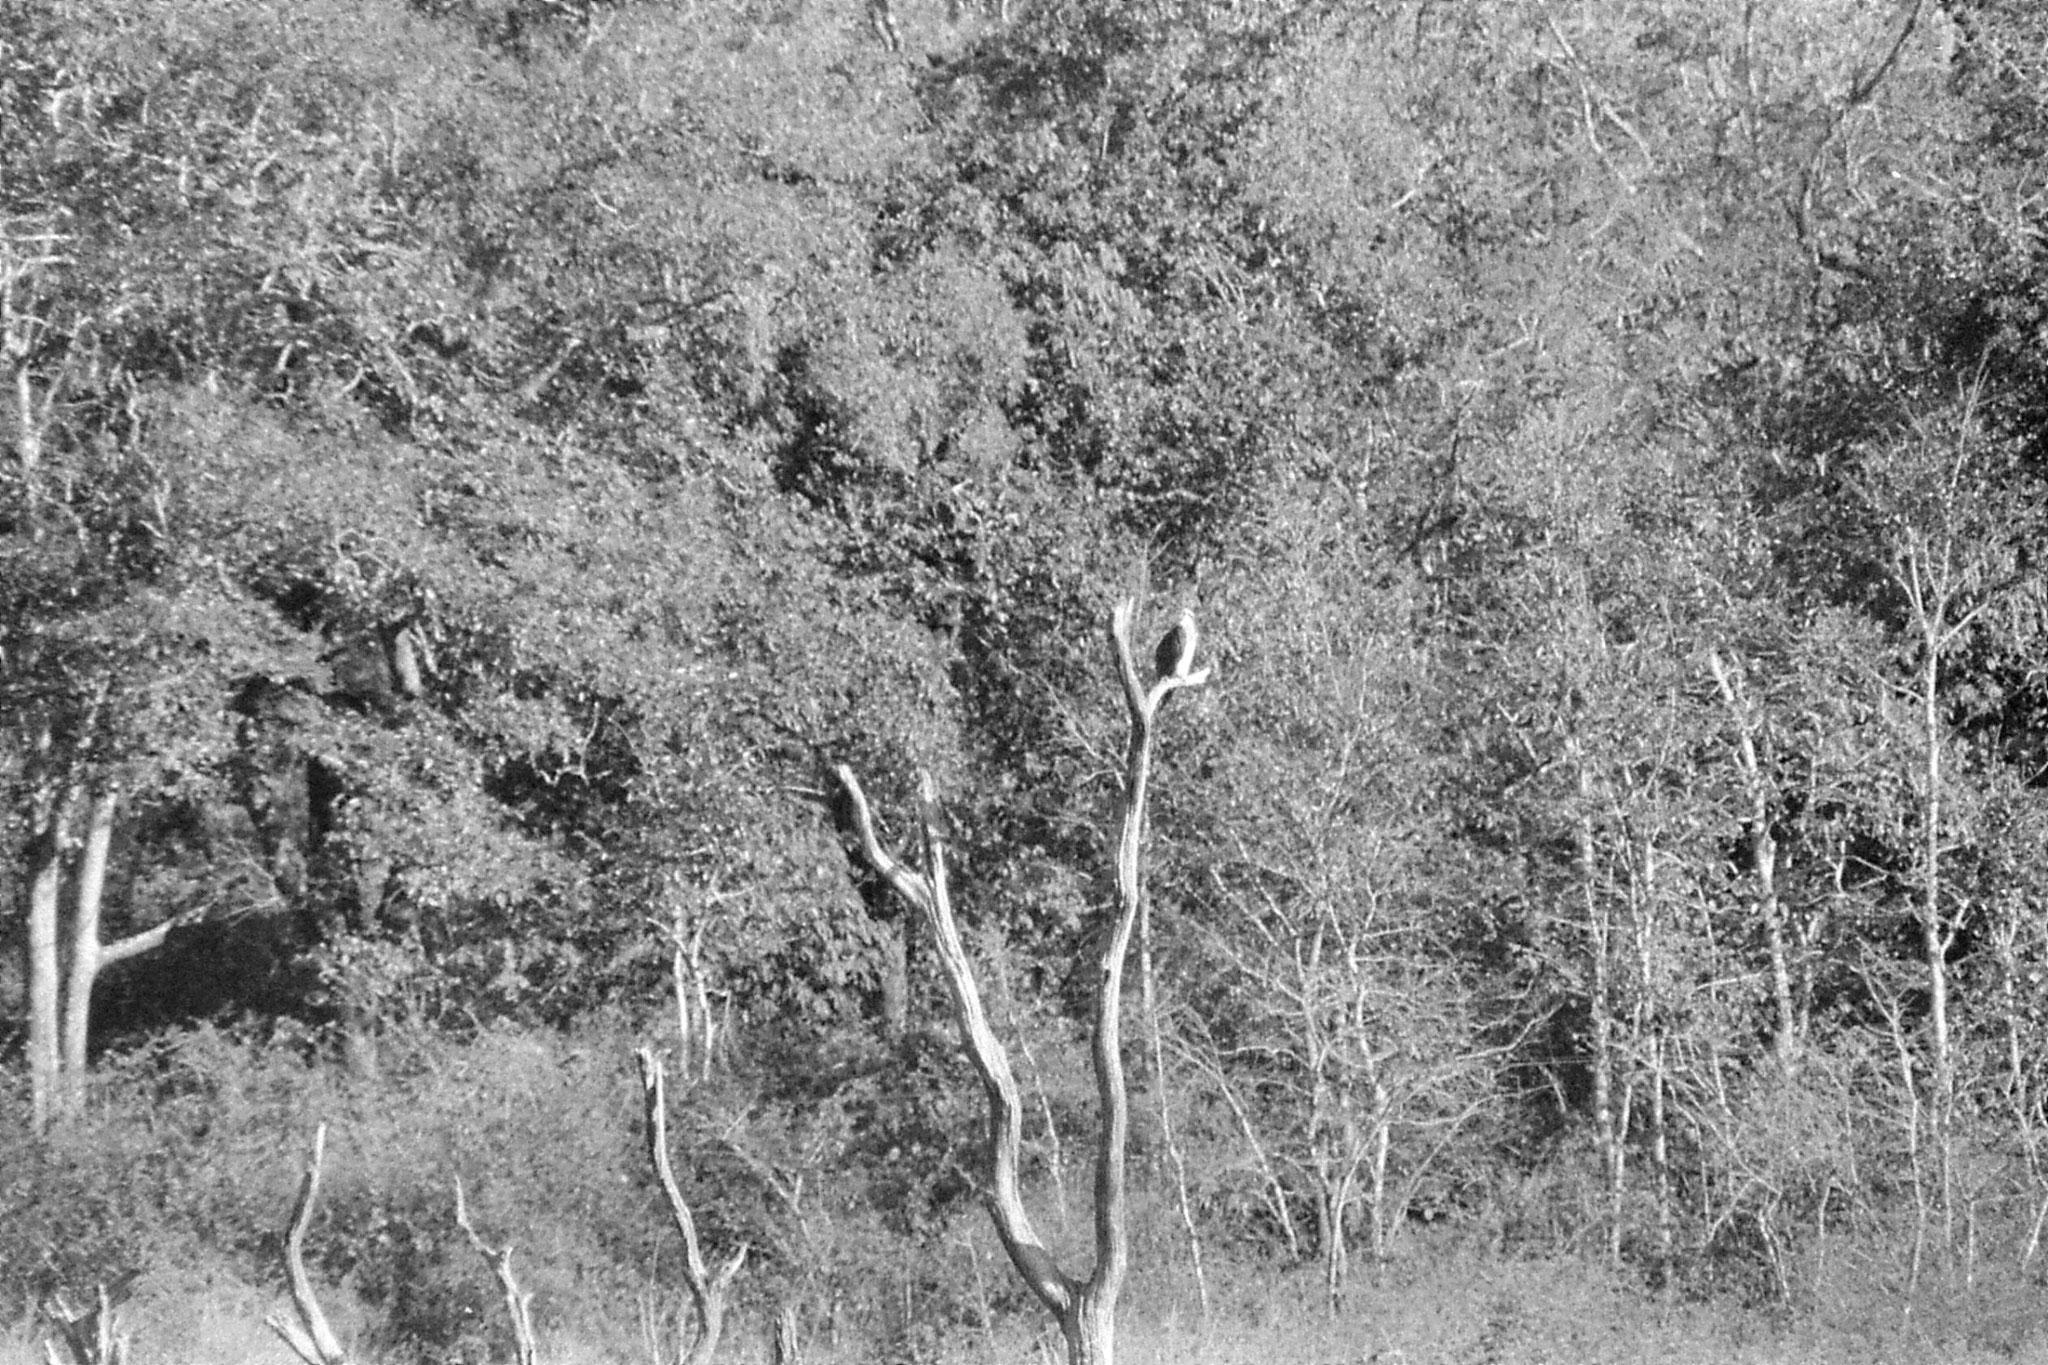 097/27: 23/2/1990 Periyar osprey